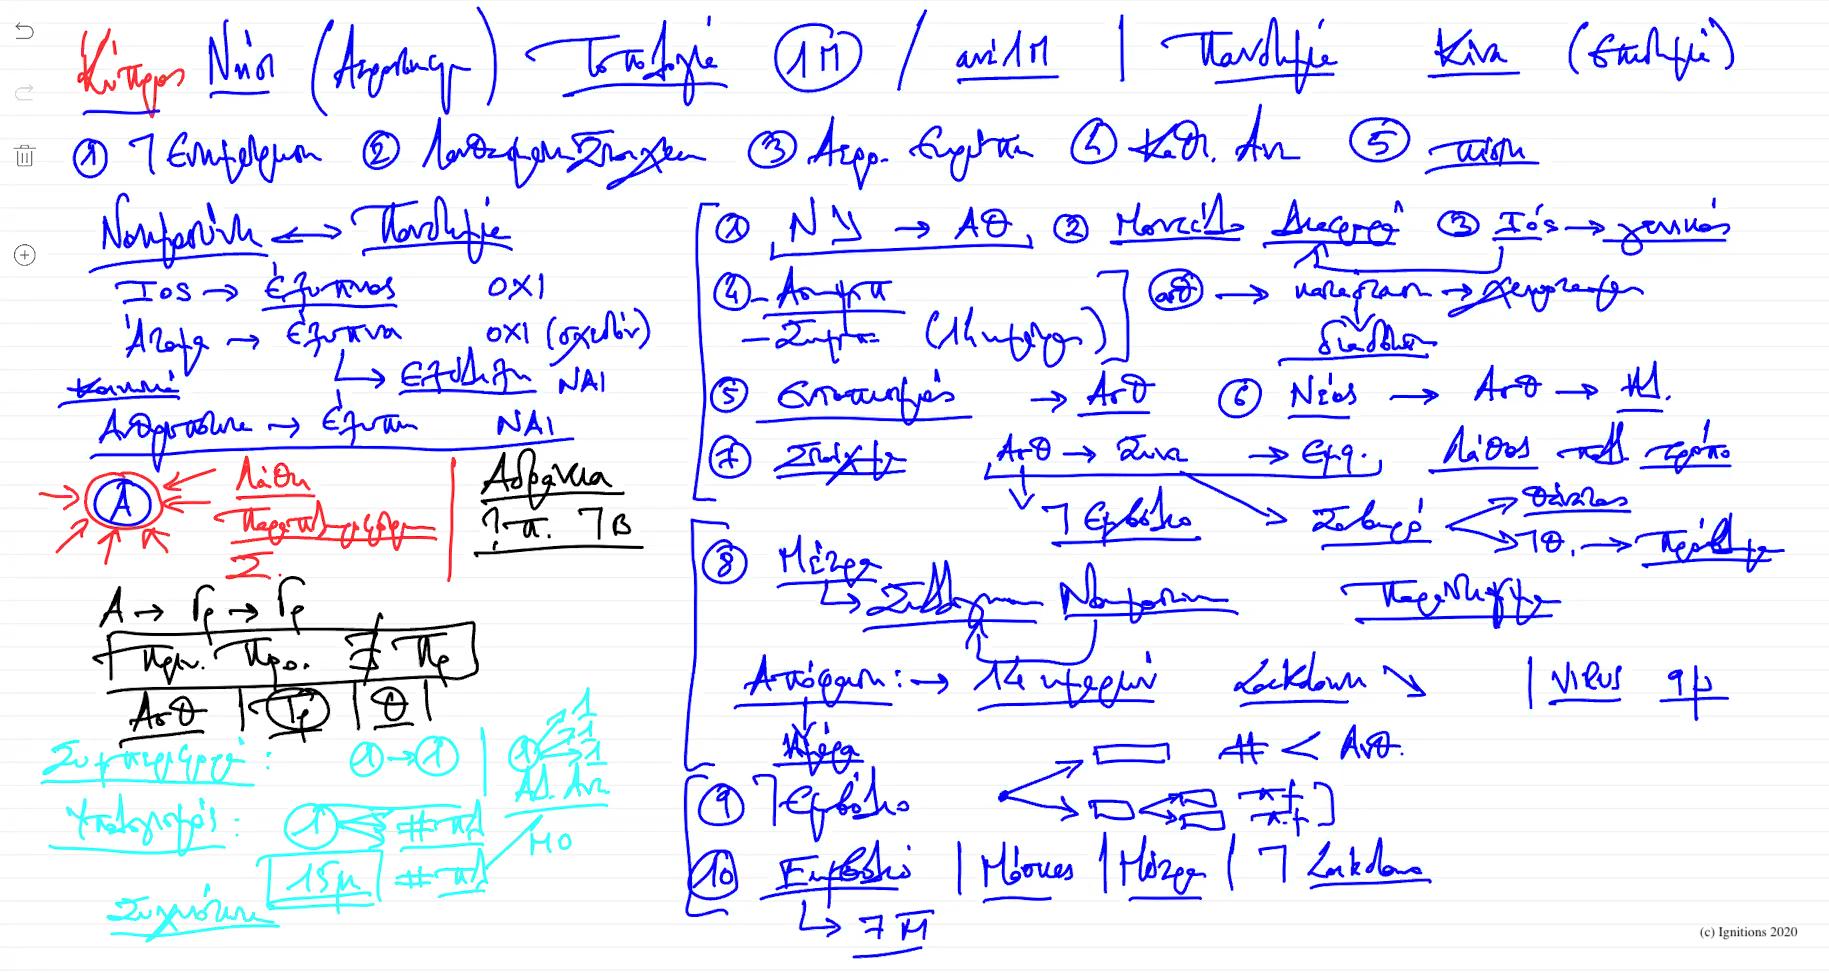 56279 - ΙII - e-Διάλεξη: Νοημοσύνη ενάντια στην πανδημία. (Dessin)